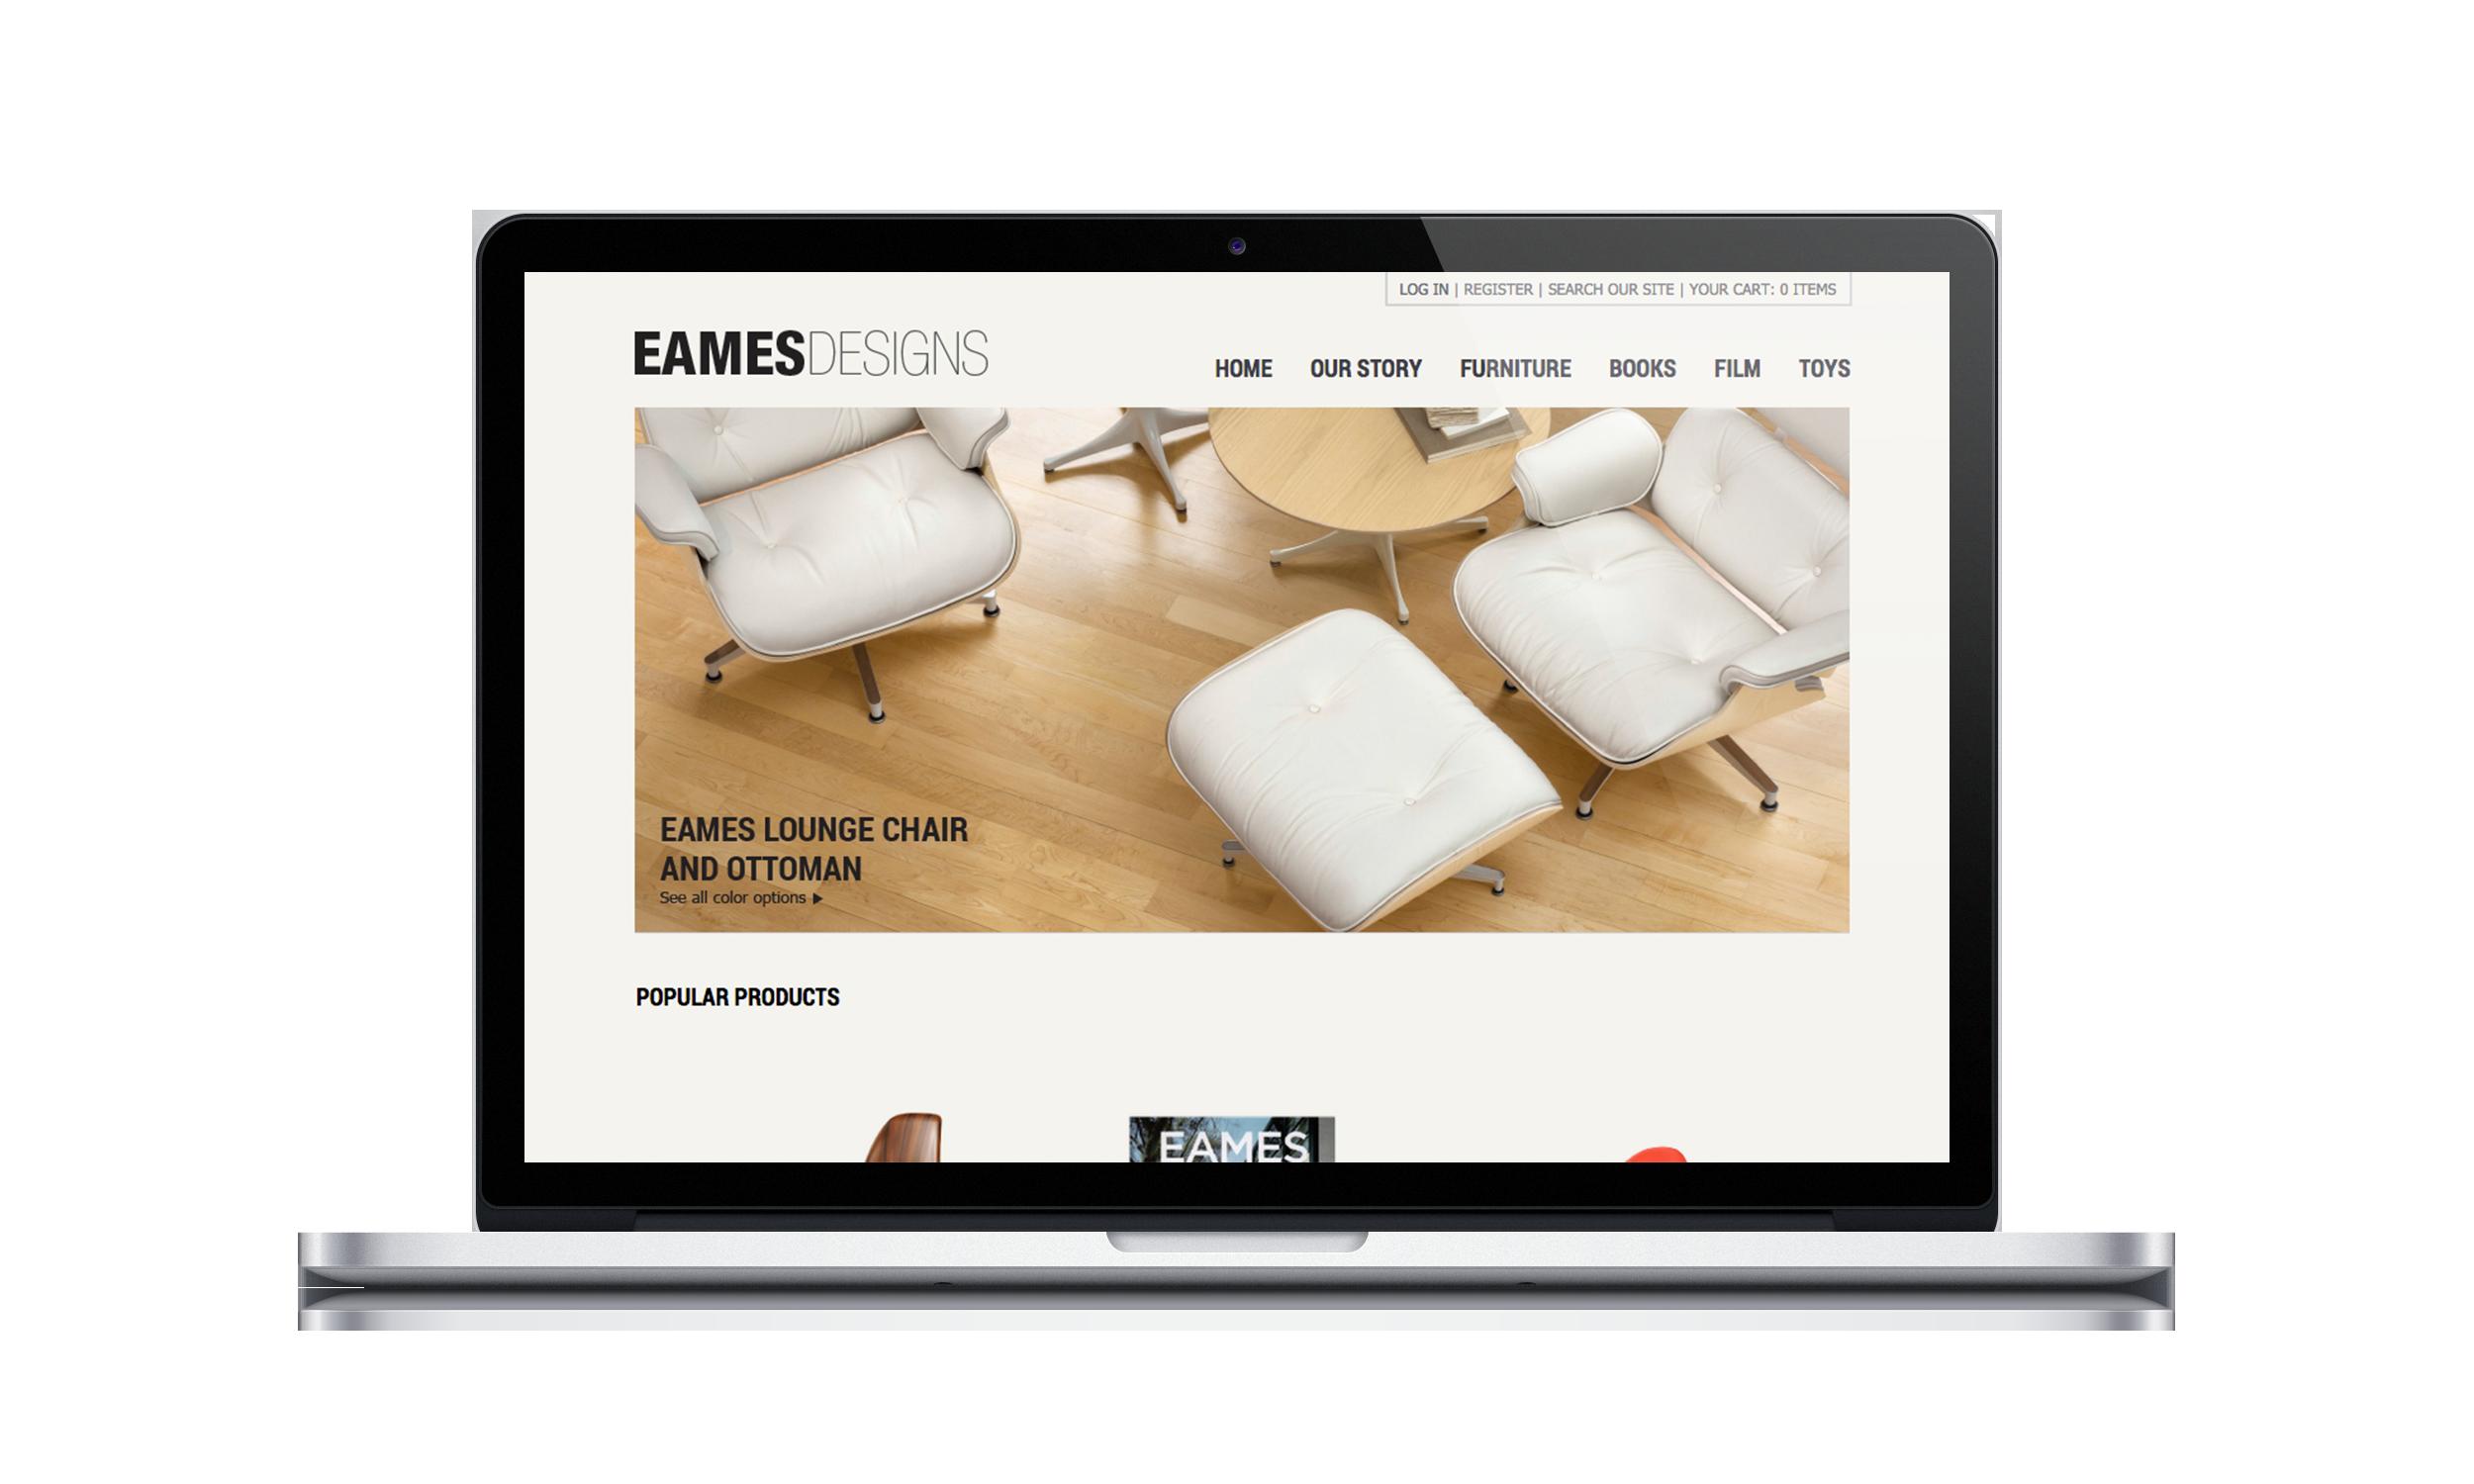 Eames Design Website